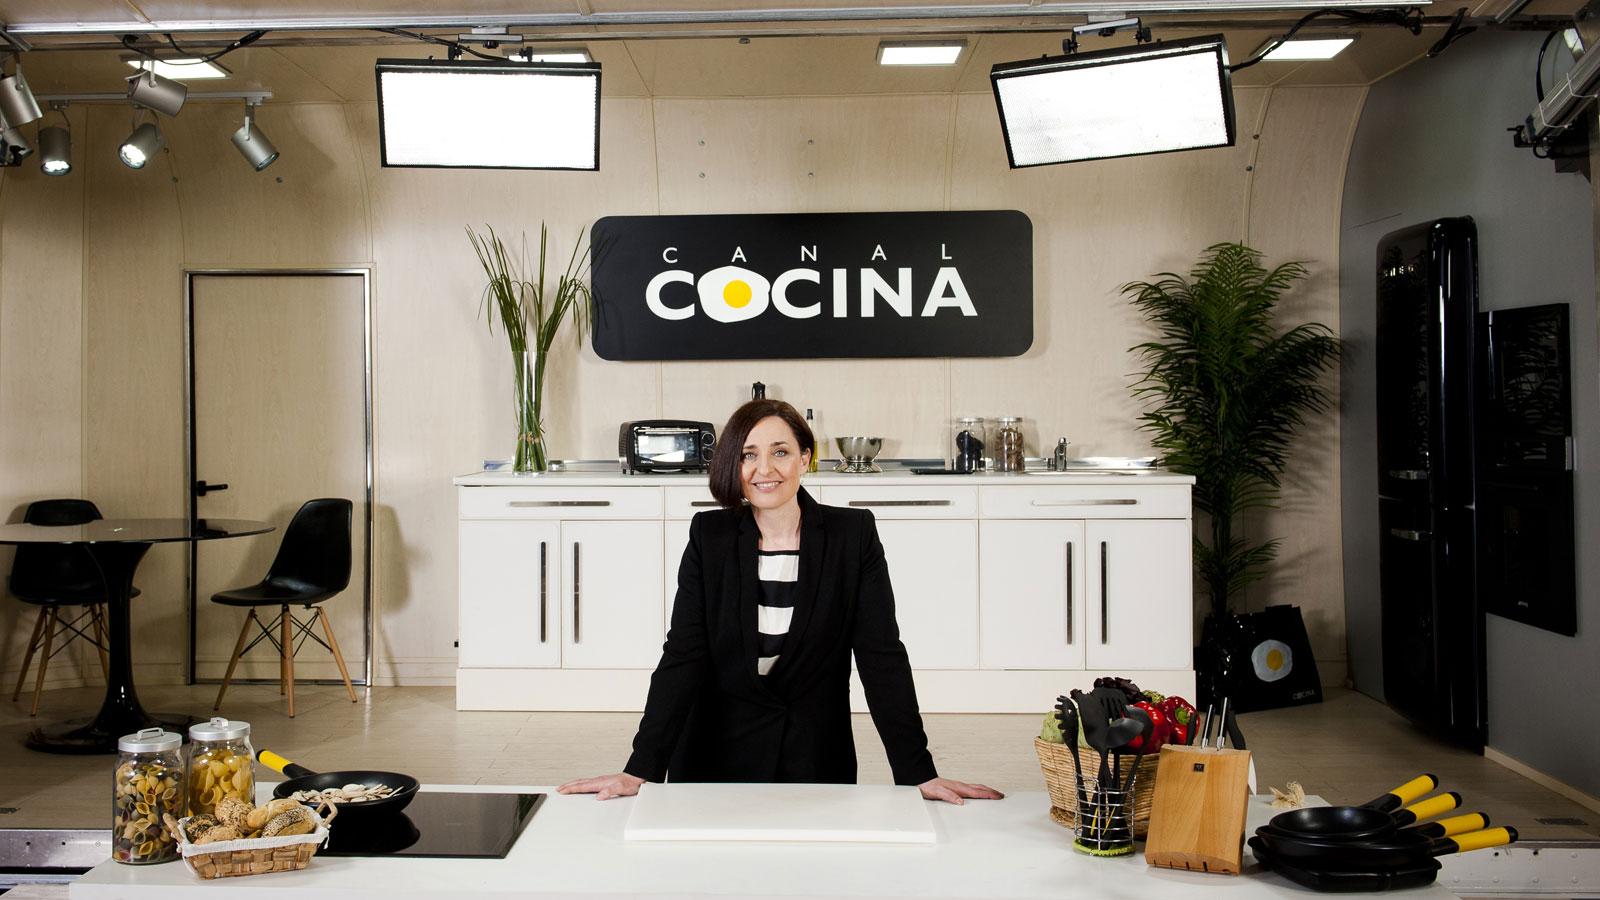 La caravana de canal cocina viaja hasta huelva capital for Cocineros de canal cocina